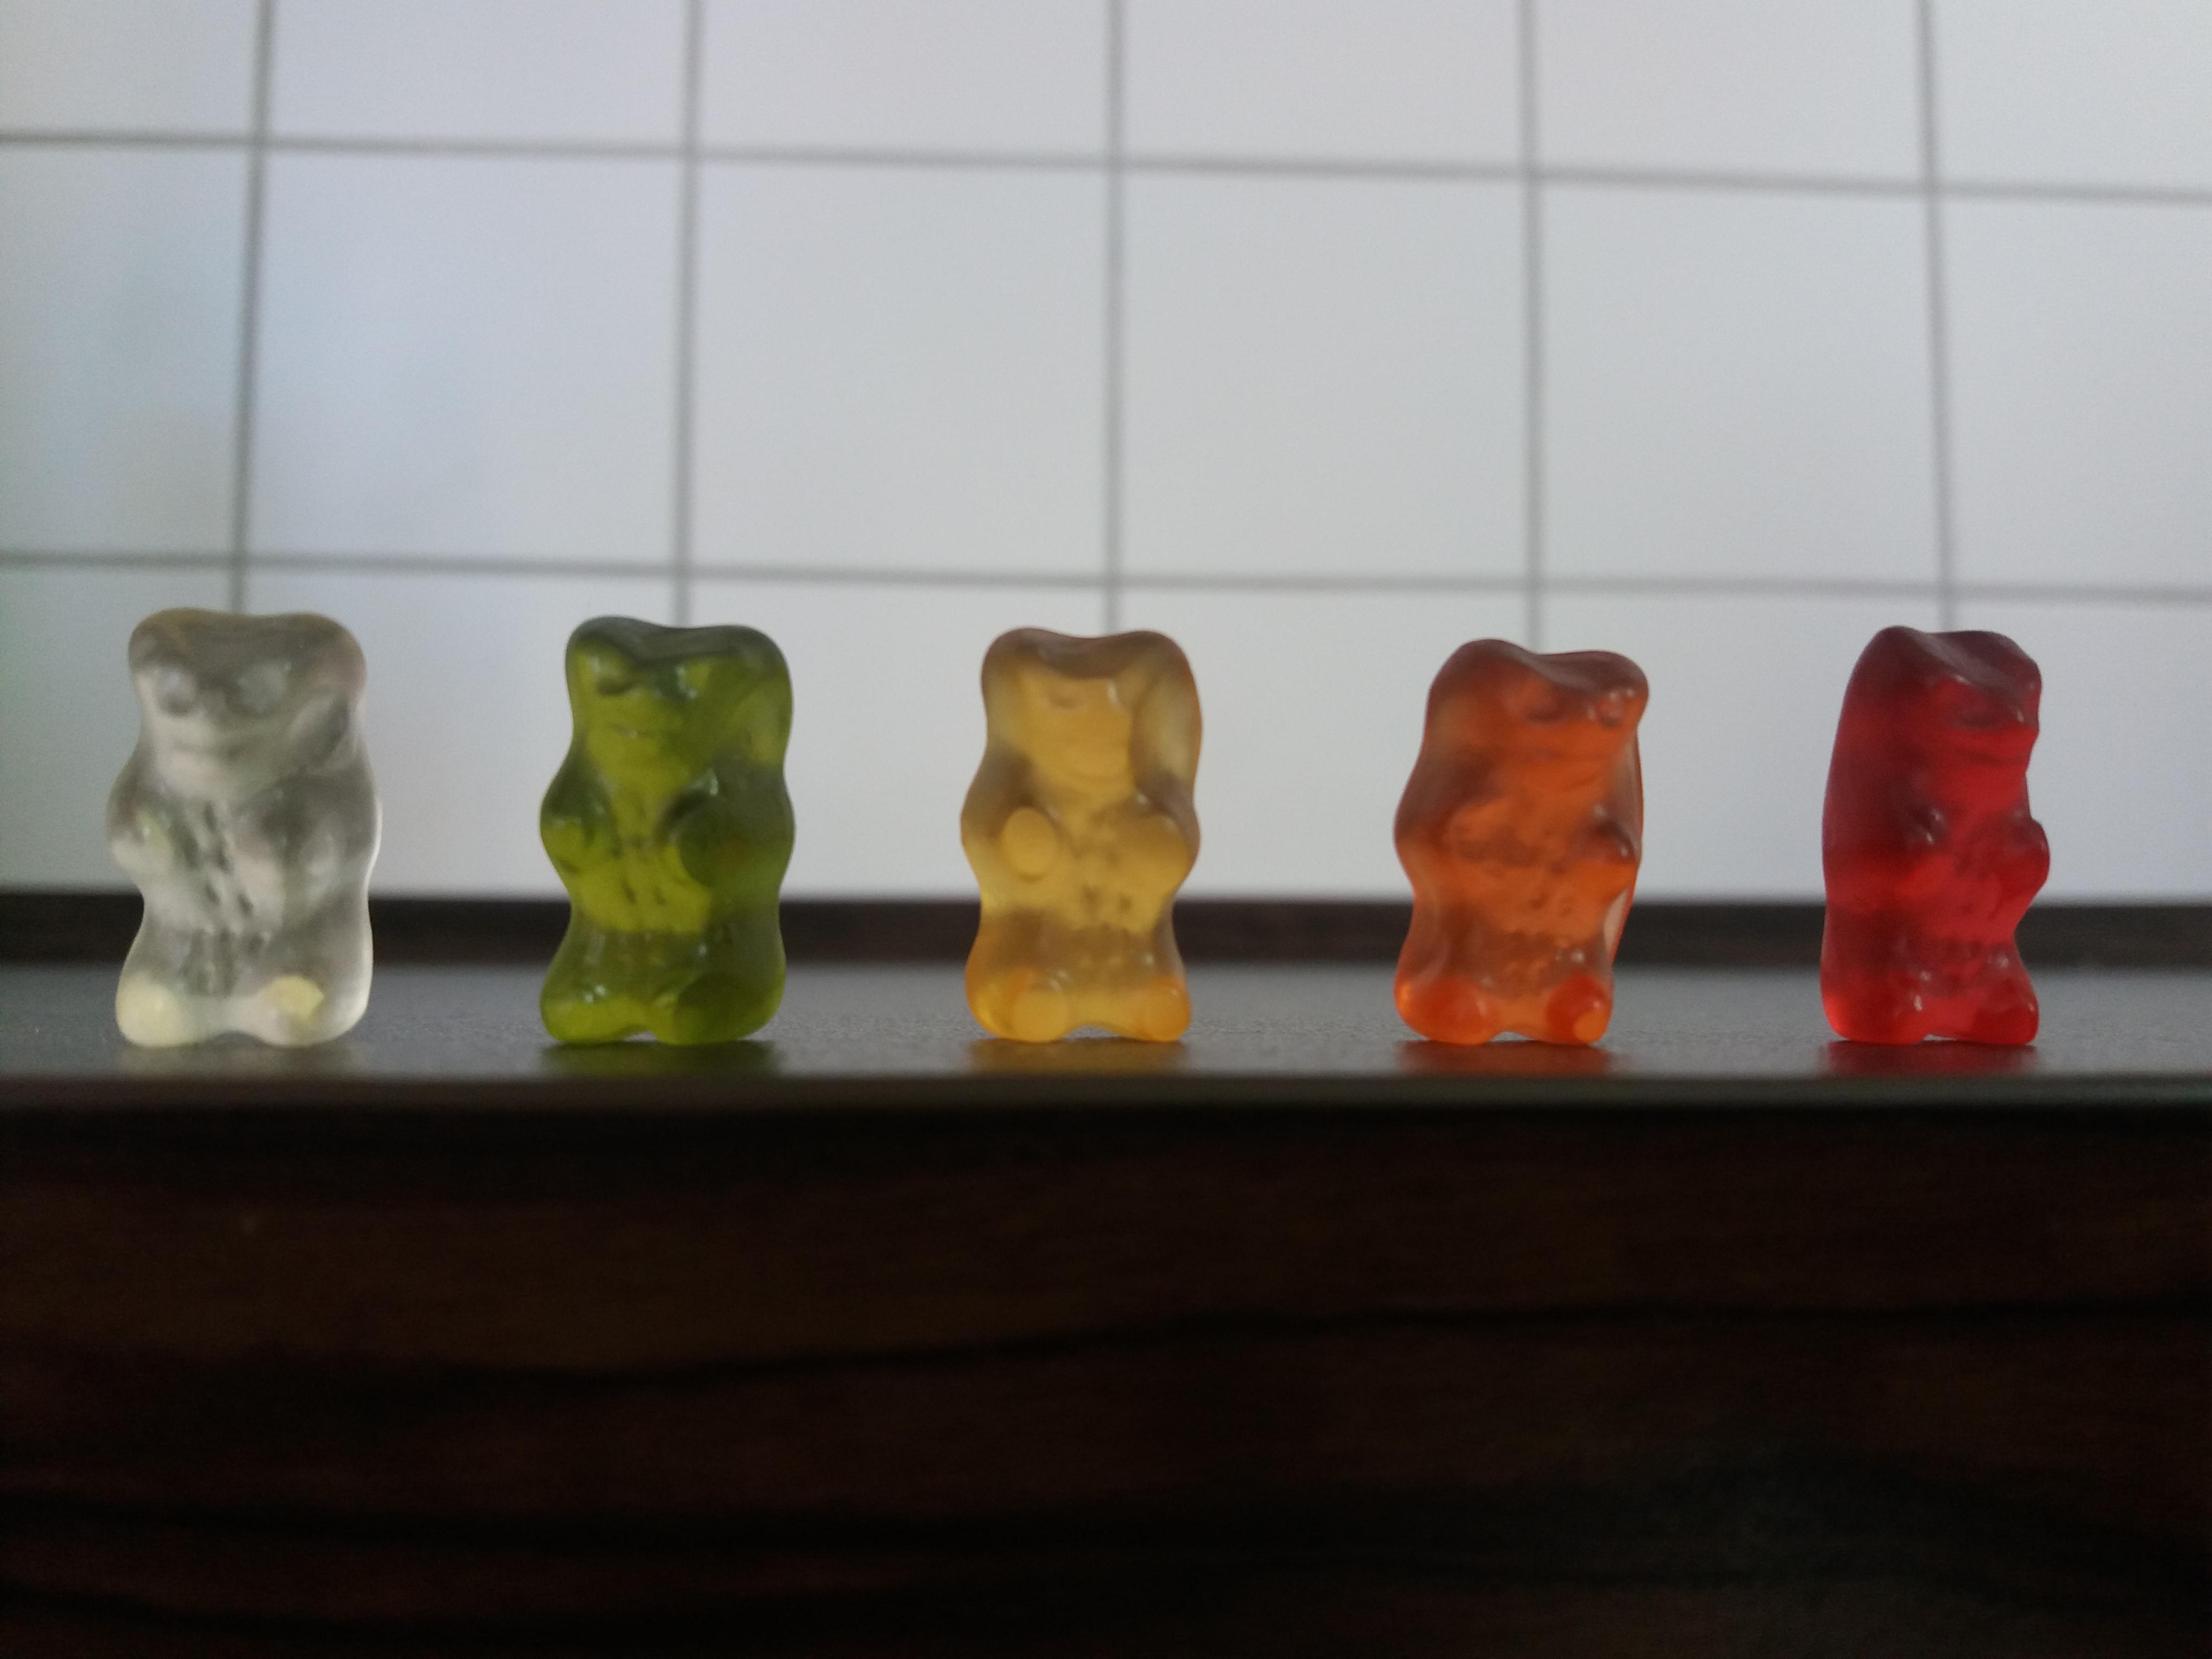 Cinco ursinhos de gelatina, de diferentes cores, enfileirados sobre um balcão.